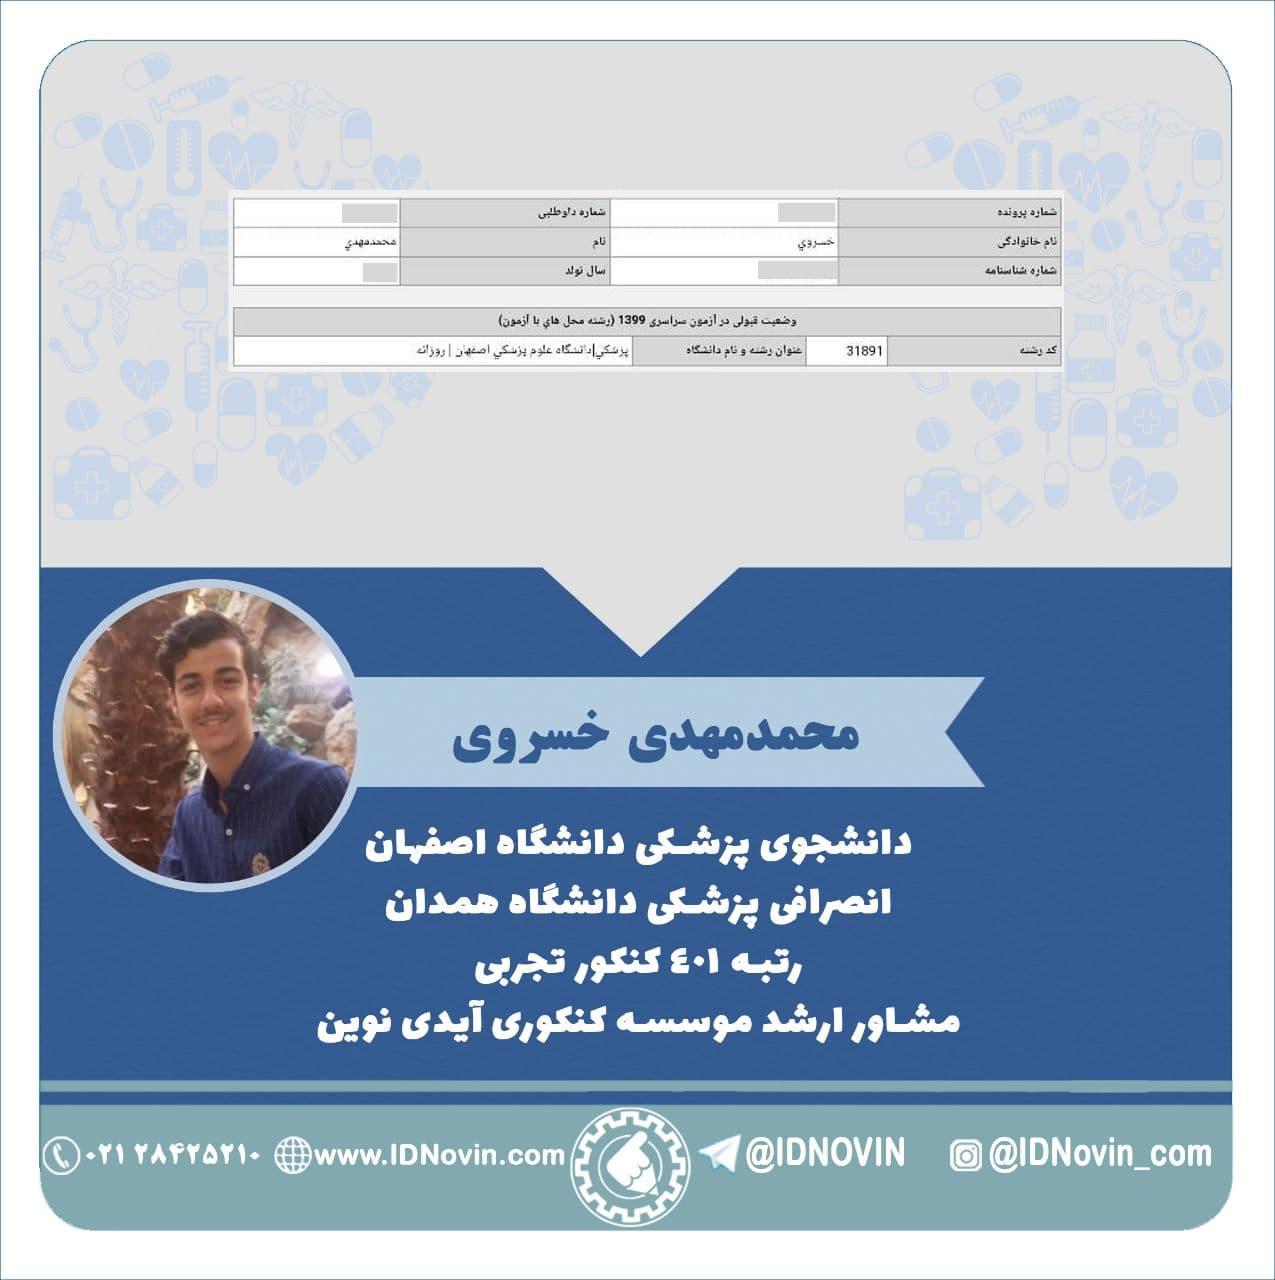 محمدمهدی خسروی دانشجوی پزشکی دانشگاه اصفهان